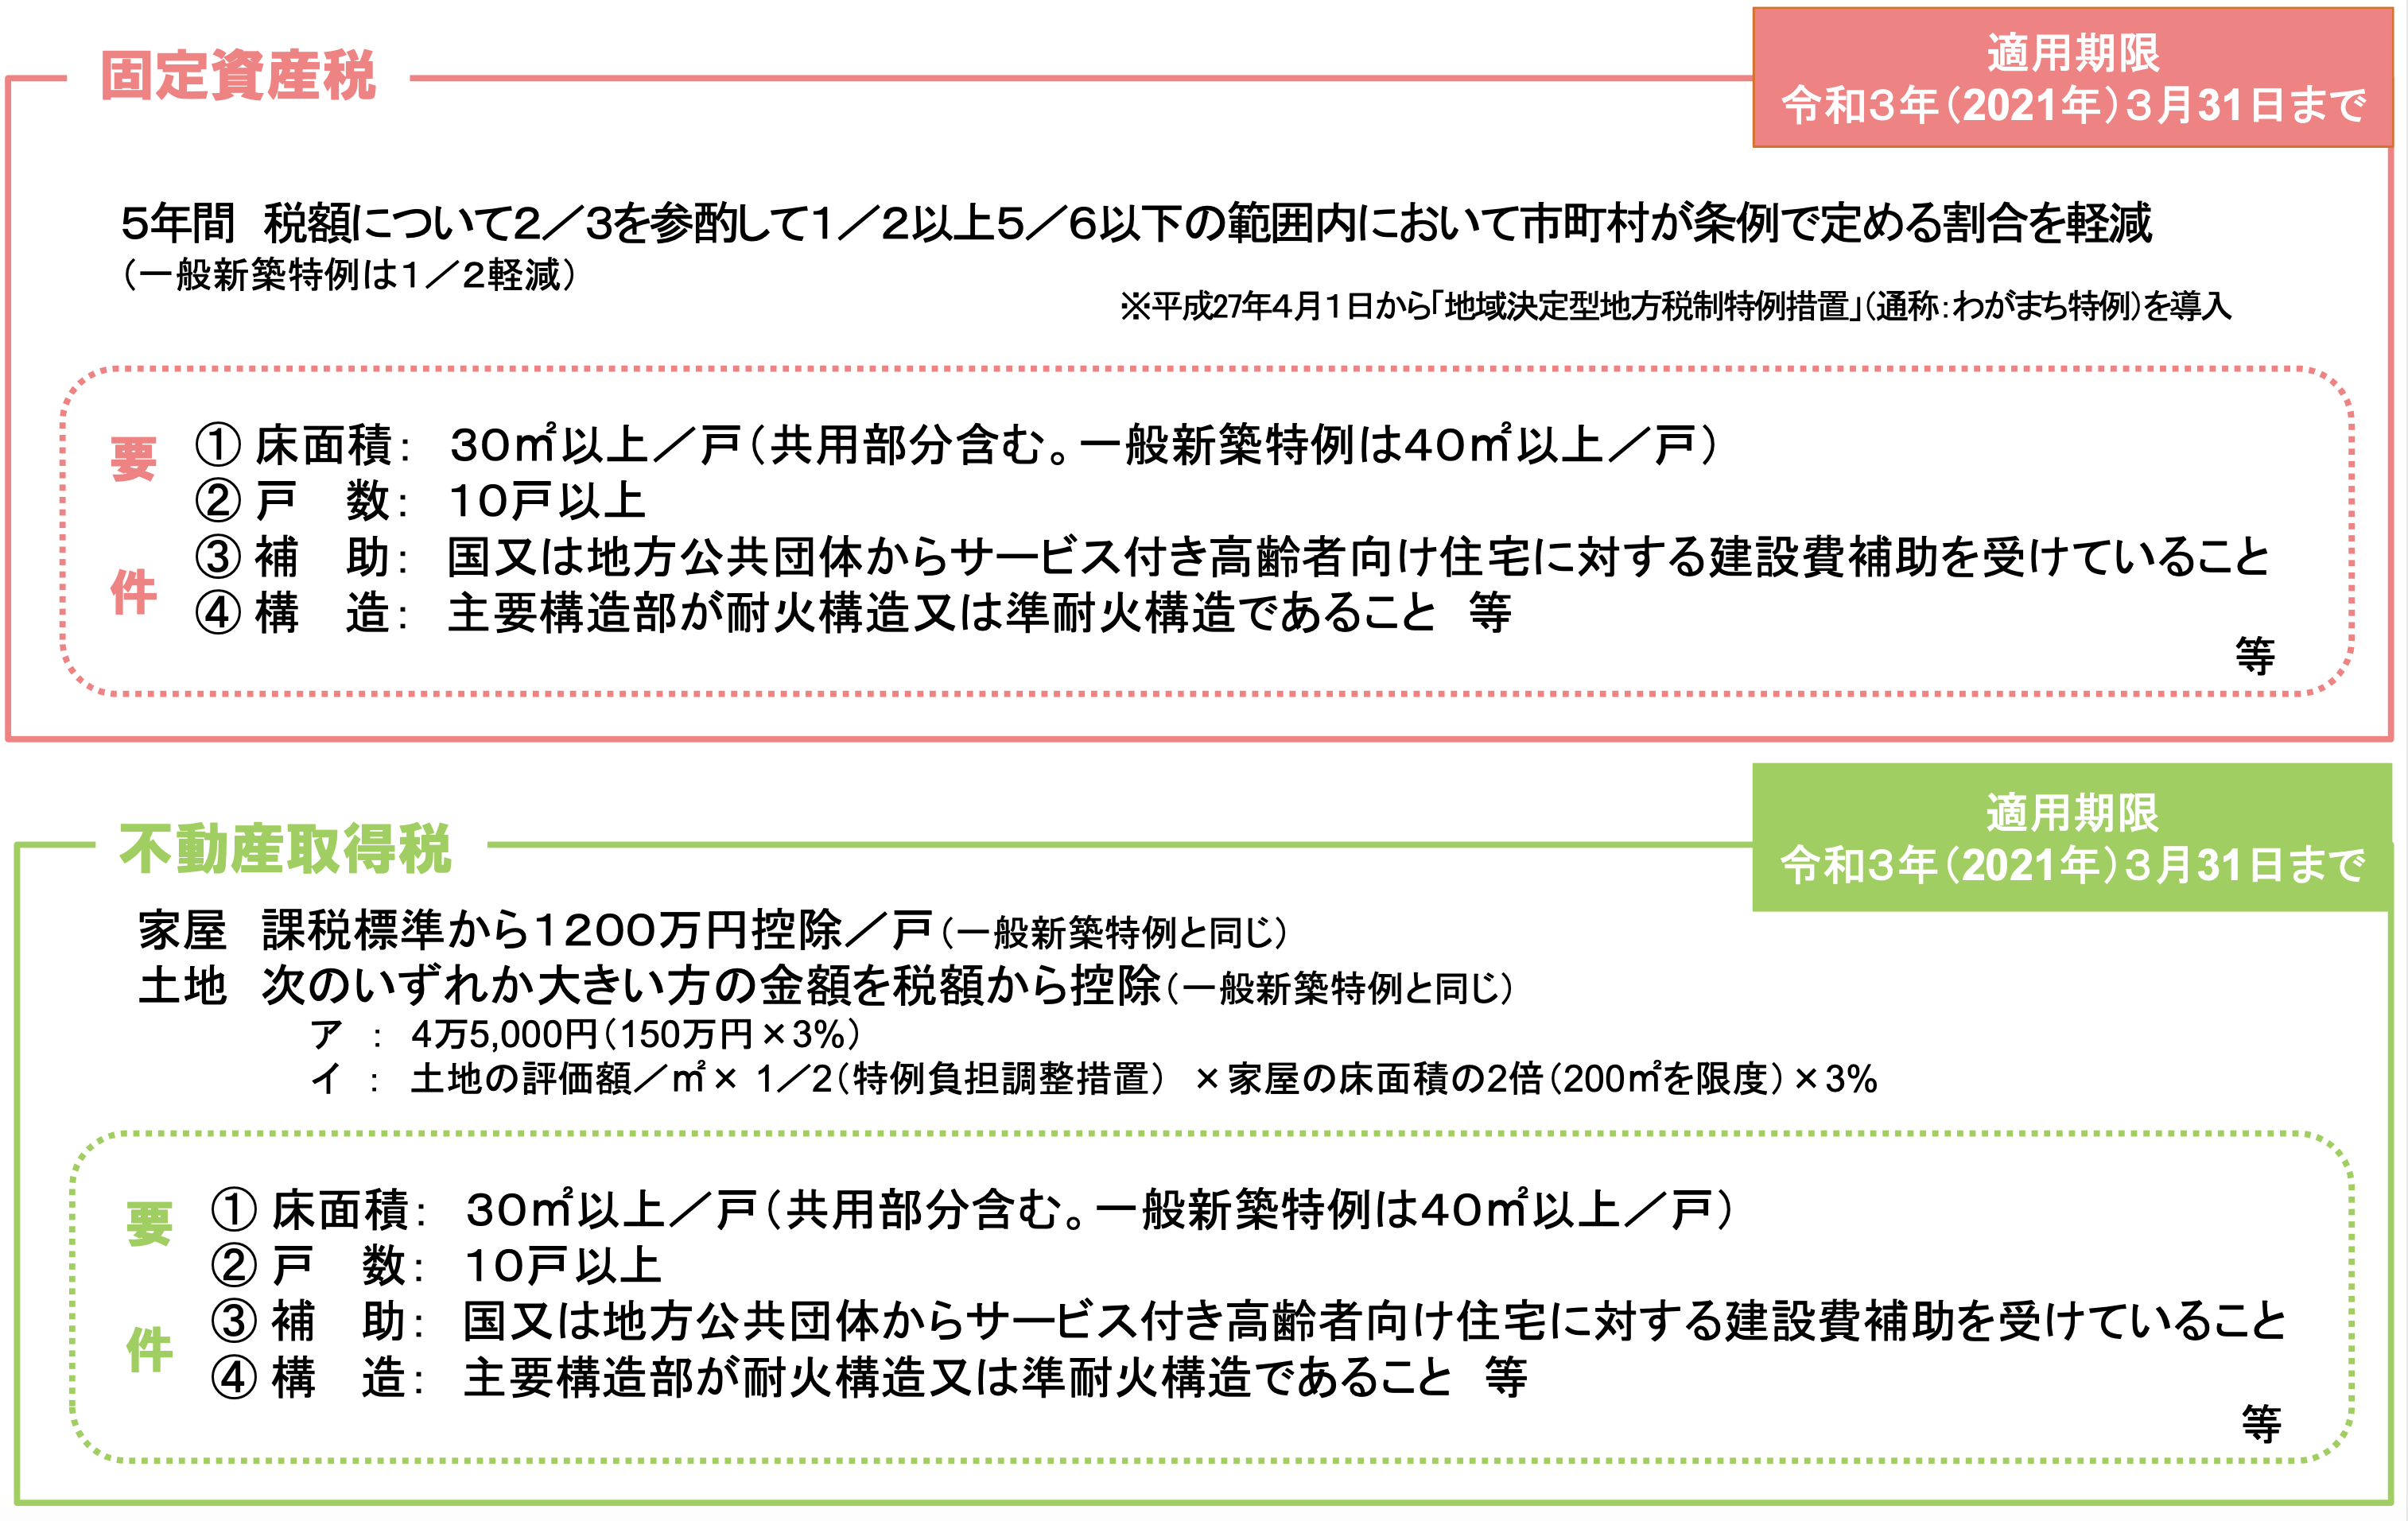 国交省・厚労省「サービス付き高齢者向け住宅」パンフレット